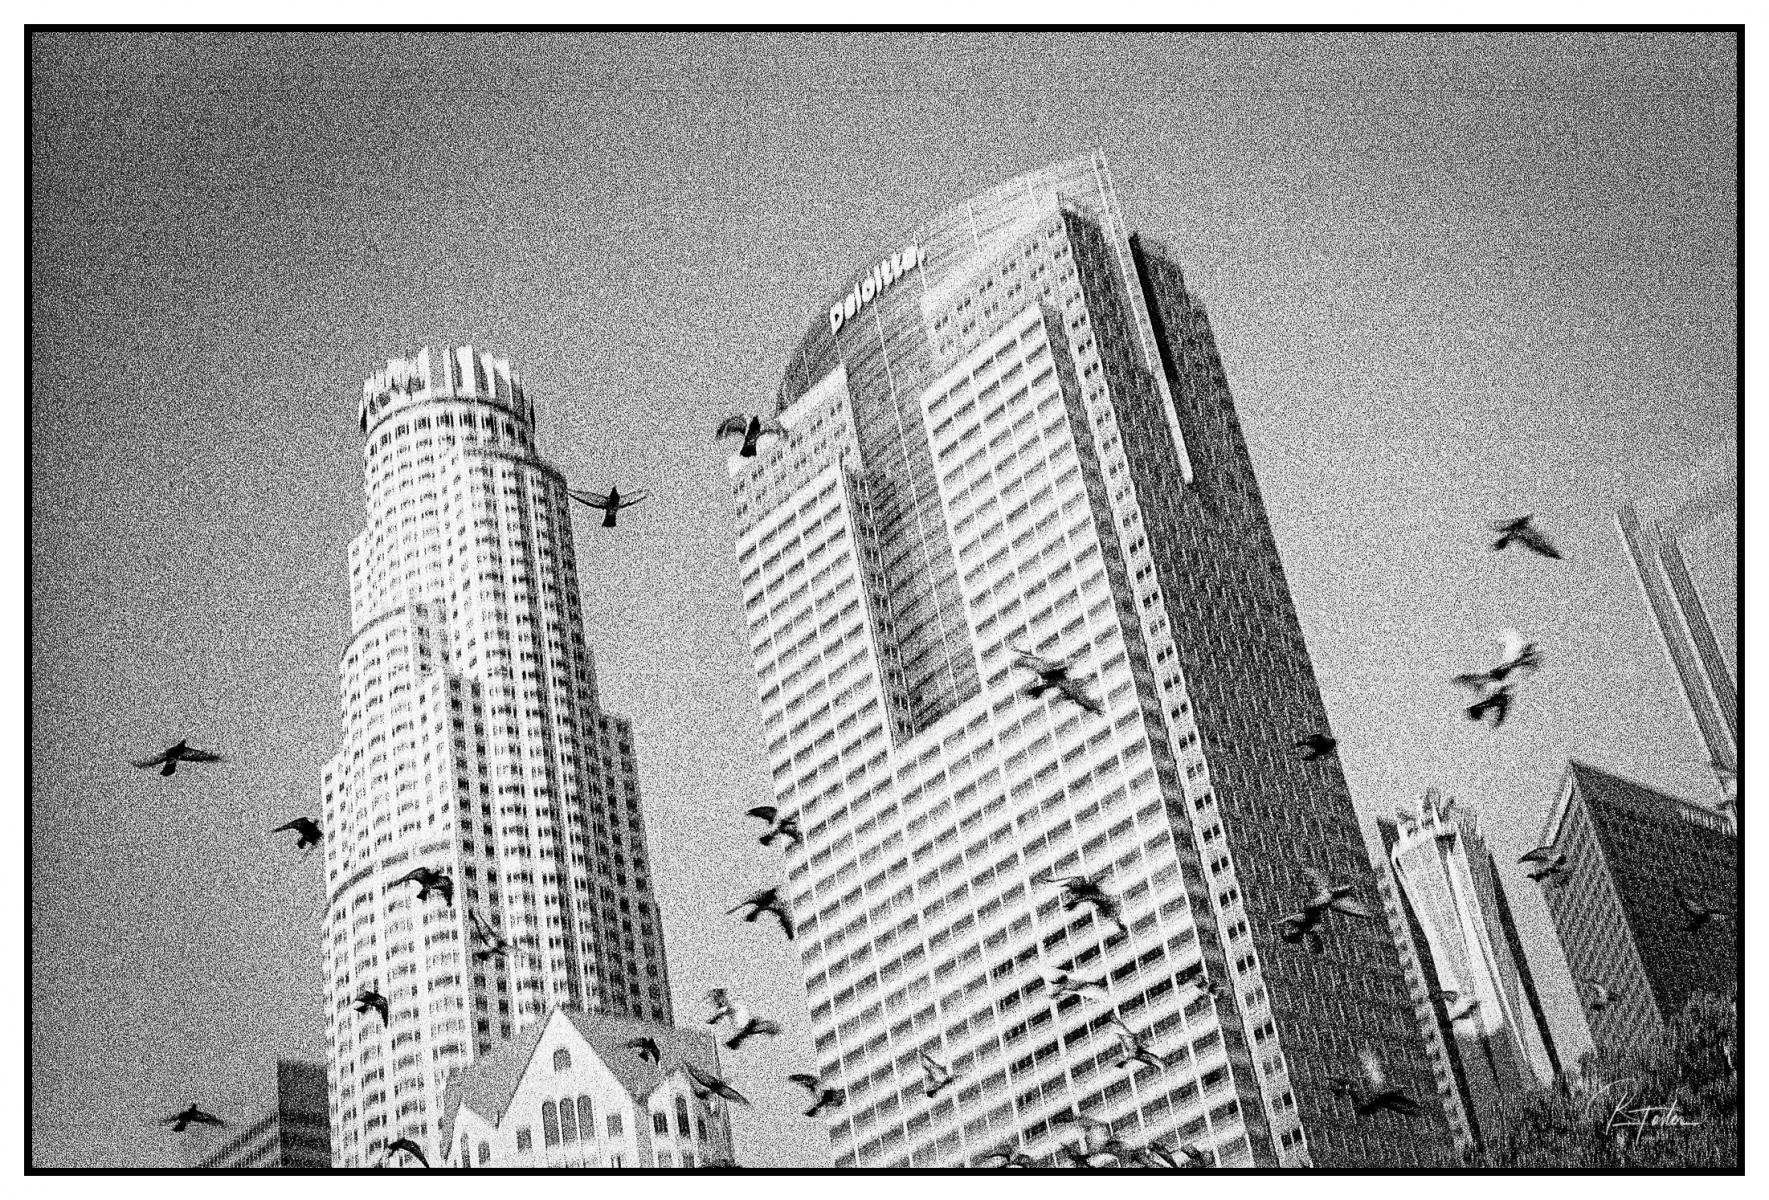 Flight!, ©2020 Reginald Foster